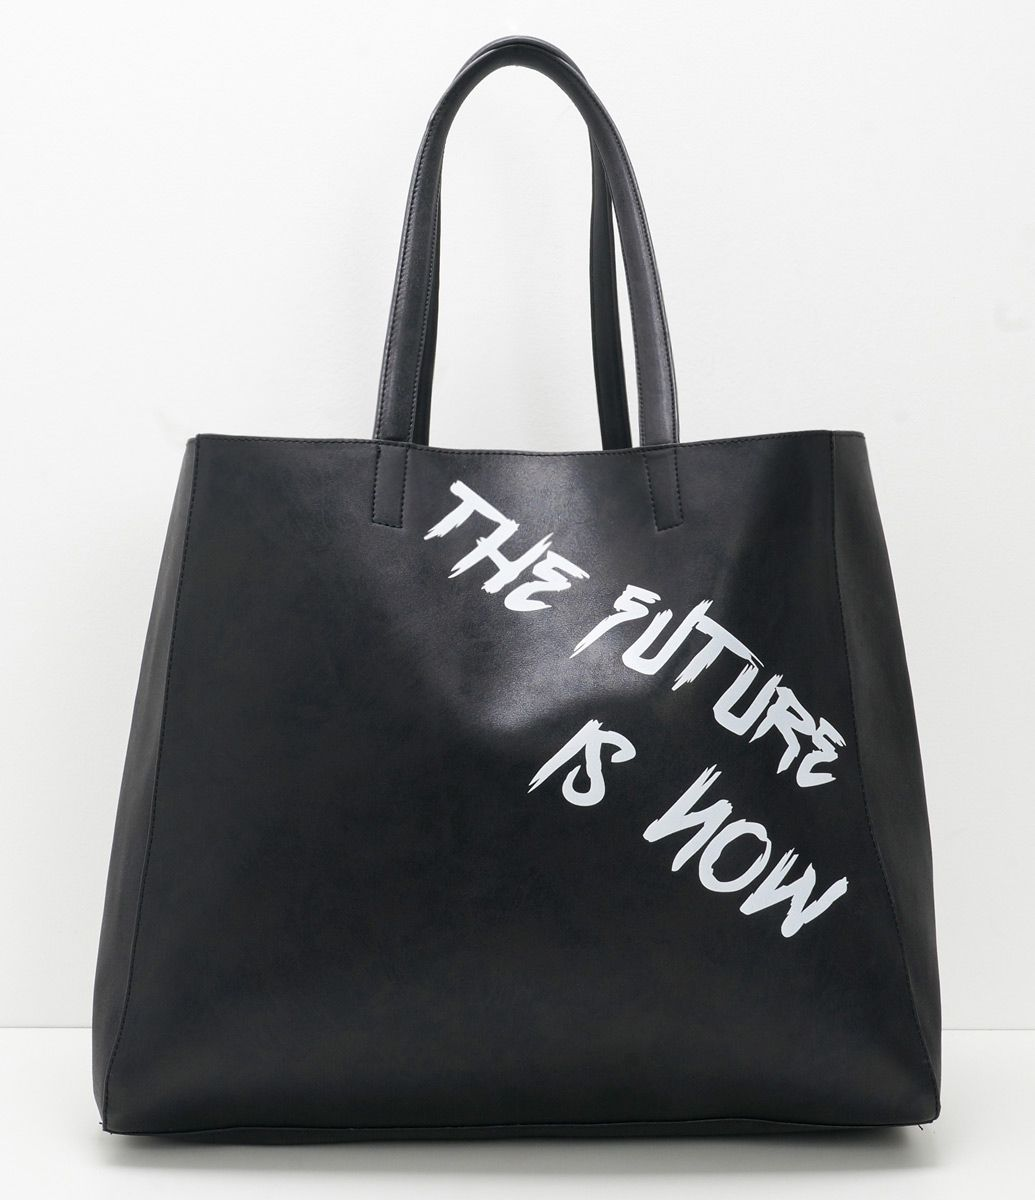 36f5d7e10 Bolsa feminina Modelo shopper (sacola) Grande Com lettering Marca: Satinato  Material: sintético Composição: 100% poliuretano Composição do forro: 100%  ...